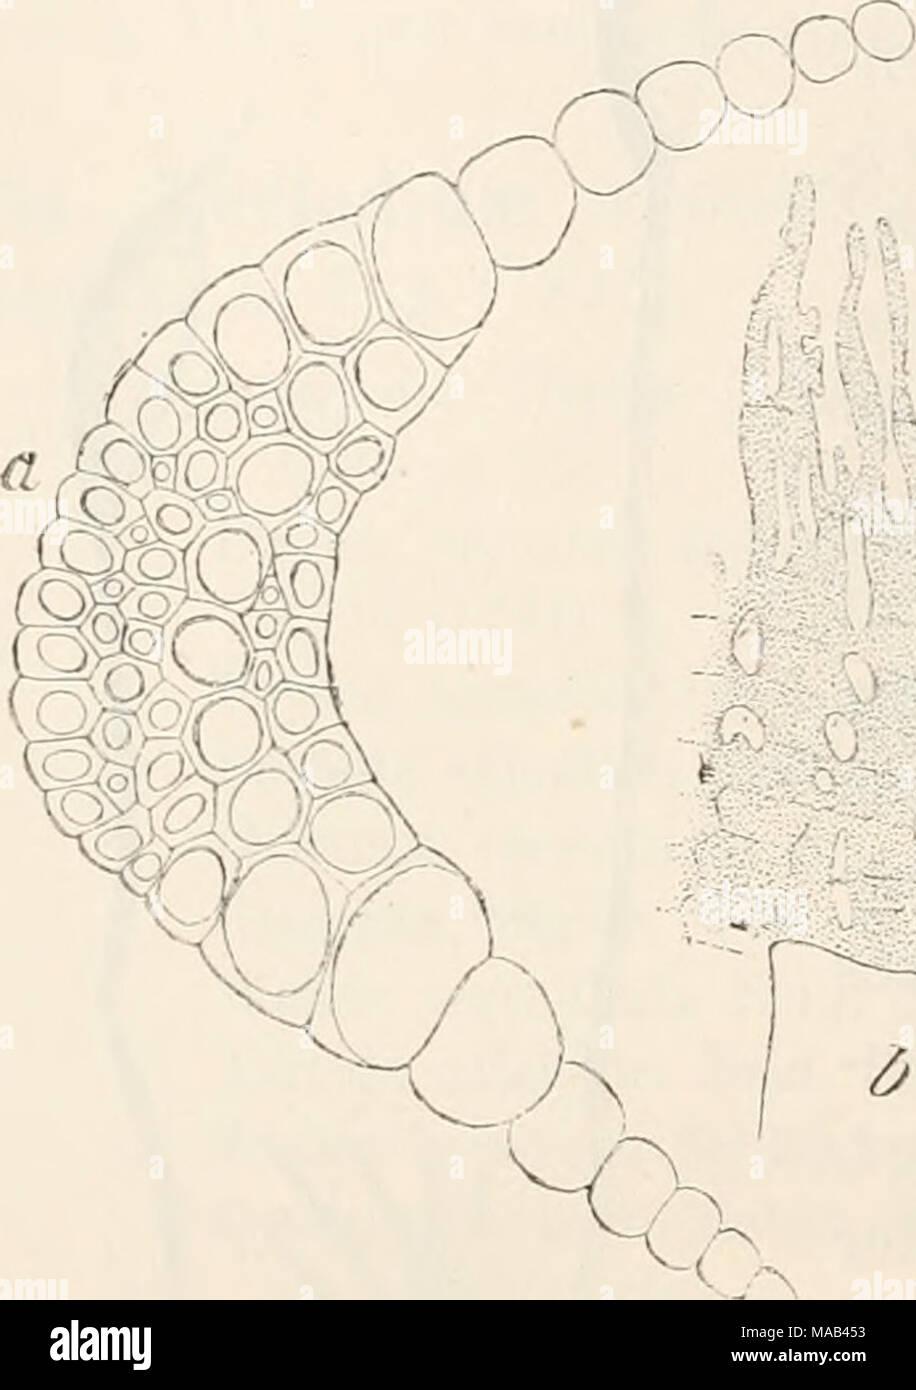 . Dr. L. Rabenhorst's Kryptogamen-Flora von Deutschland, Oesterreich und der Schweiz . Eiicladiura verticillatum iL.), a Querschnitt durch den hasilaren Theil der Blattrippe (i|l), b Peristomzähne (^f^). kleiner, hexagonal und quadratisch. Haube etwa ^/g der Urne be- deckend, kappenförmig. — Fig. 100, 101. — Sporen 0,010—0,014 mm, bleichgelb, glatt; Reife im Sommer. Yar. ß aiig'ustifoliiim Jur. Laubmfl. v. Oesterr.-Ung. p. 17 (1882). Rasen nicht kalkig, dunkel bräunlich-grün, unten braun. Obere Blätter lineal-lanzettlich pfriemenförmig, Rippe als lange Stachel- spitze austretend; Zellen grösse - Stock Image